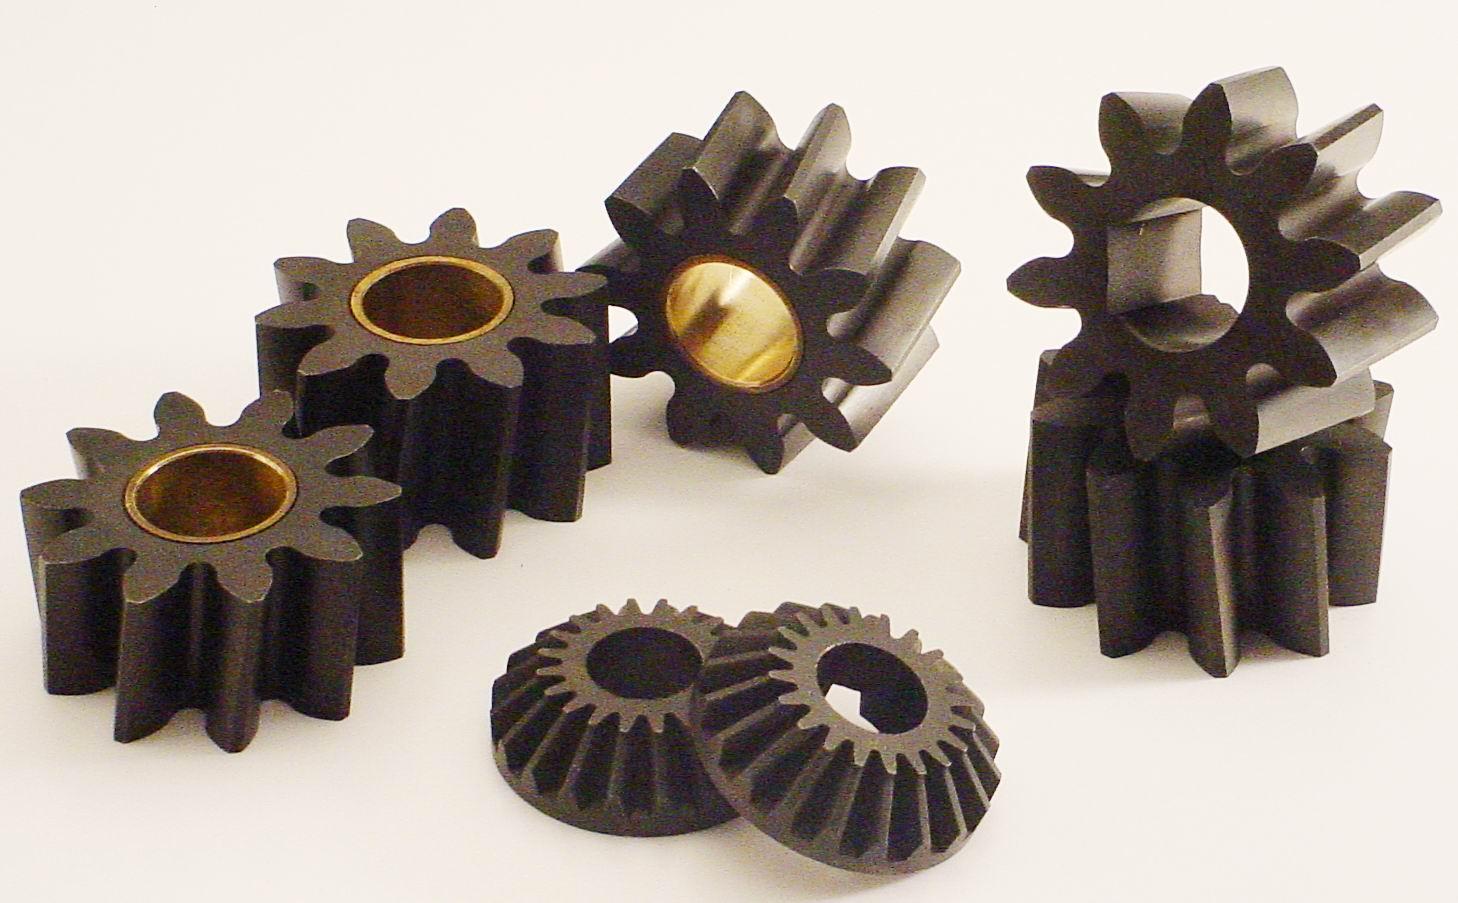 粉末冶金齿轮_粉末冶金齿轮是什么?-基础知识-电子元件技术网电子百科